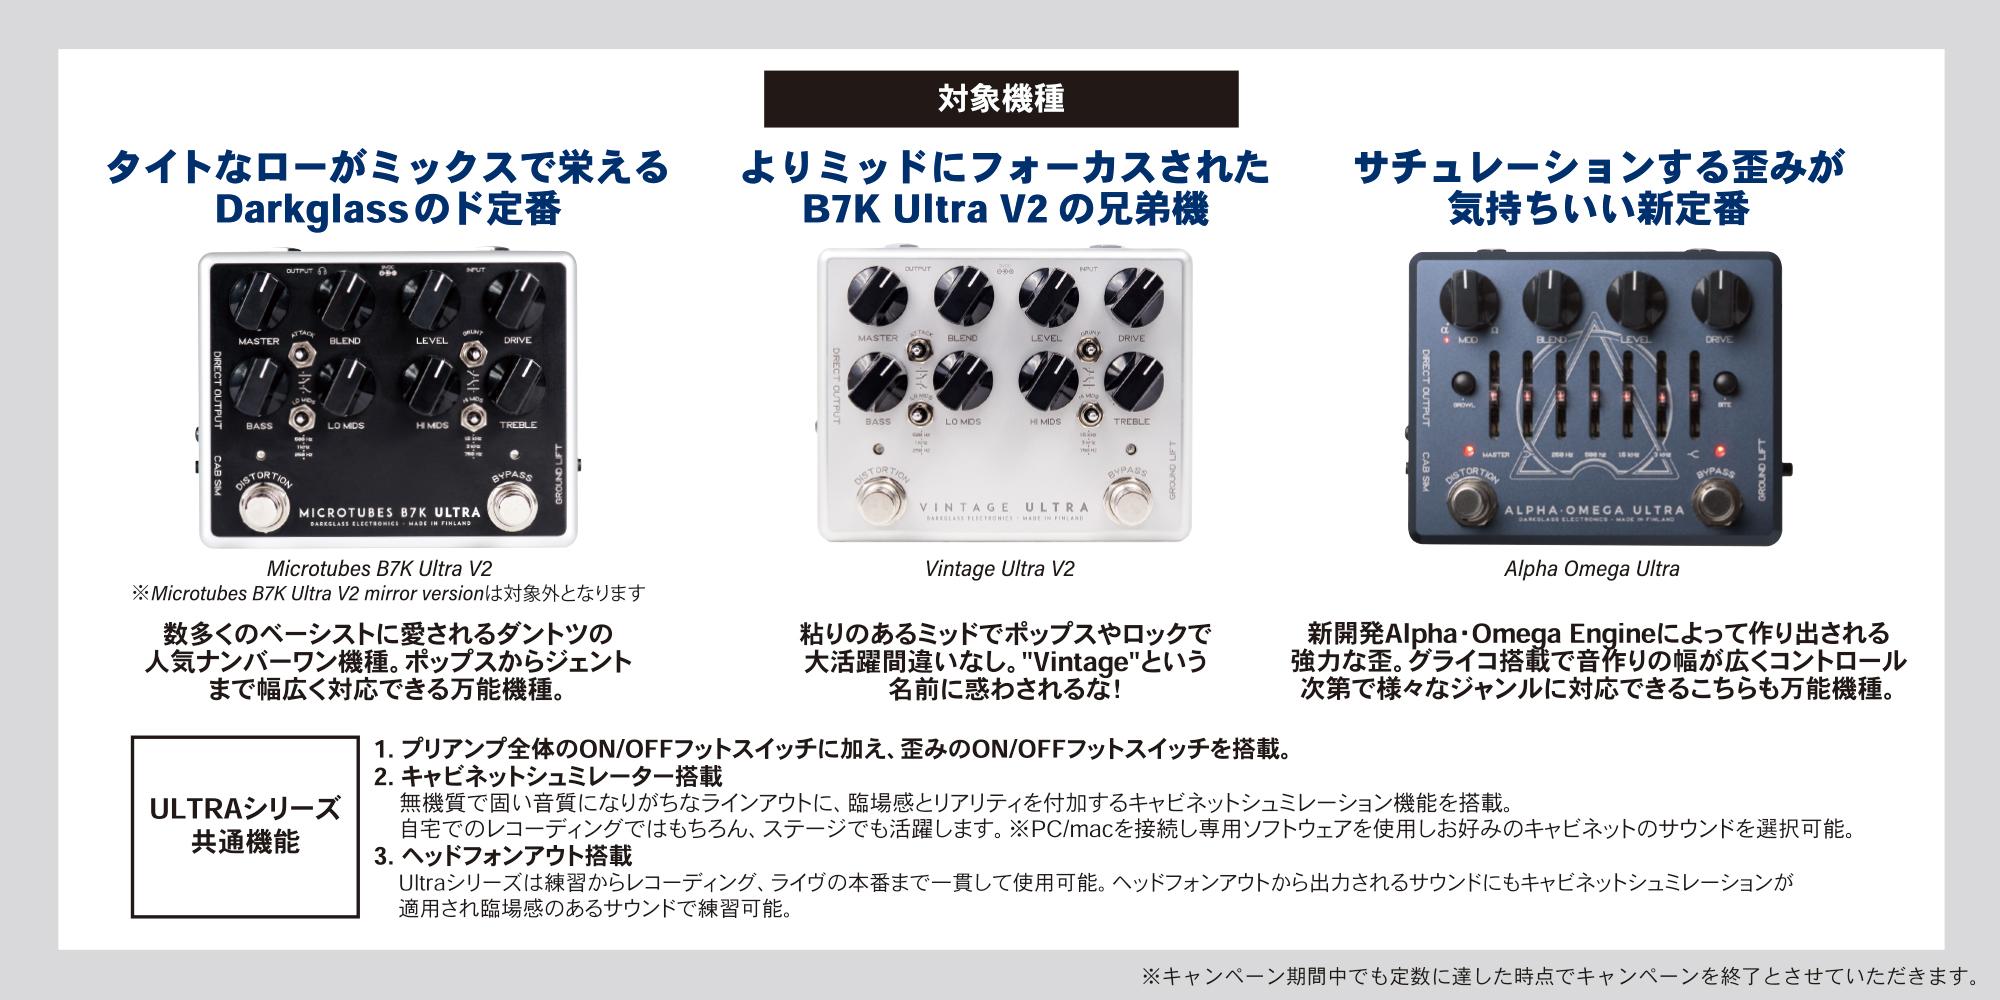 Darkglass 6000円 キャッシュバックキャンぺーン対象モデル